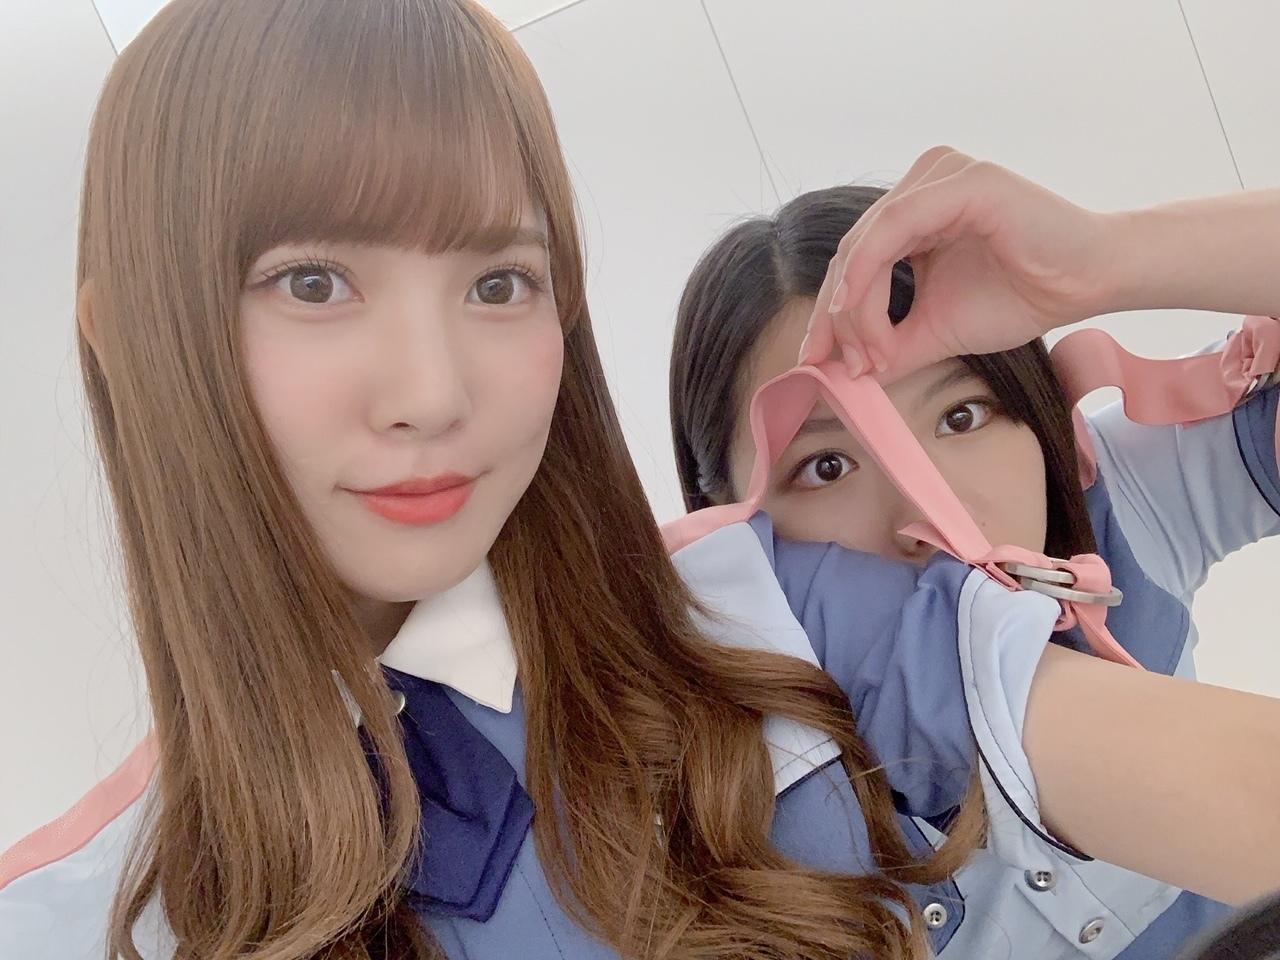 日向坂46メンバーブログまとめ2019年9月17日